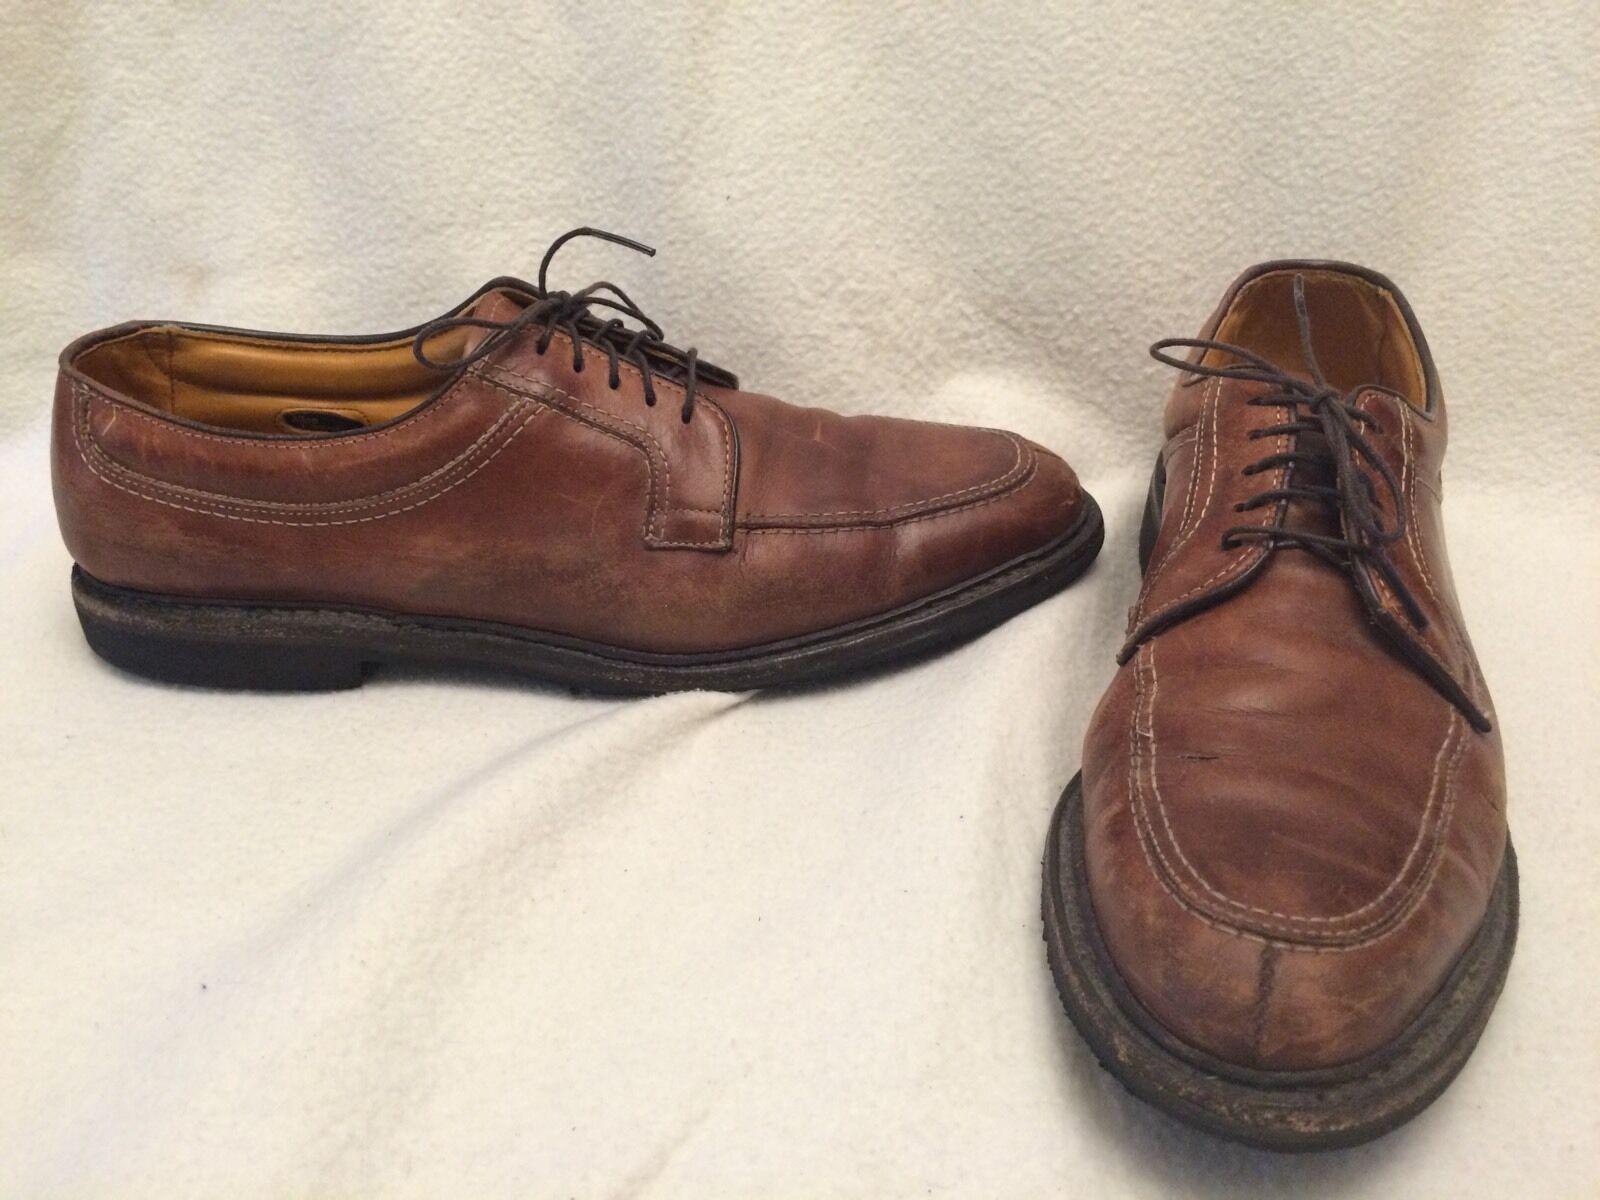 Allen Edmonds Wilbert 1951 braun Outland Leather Oxford Dress schuhe Mens 14 A